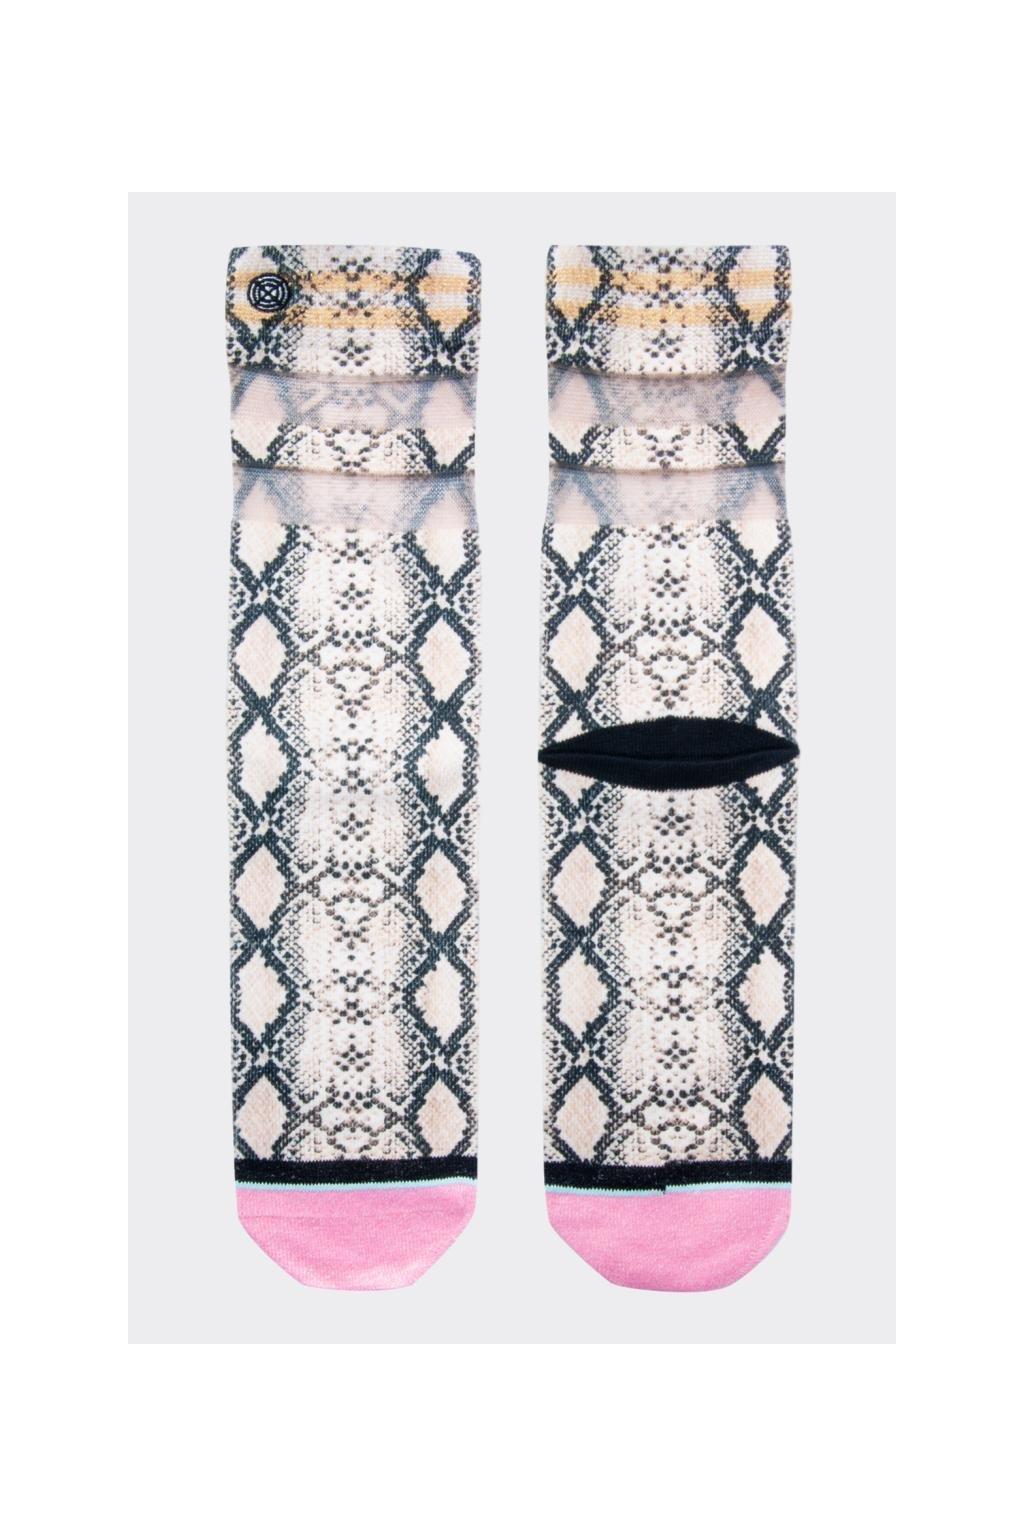 XPOOOS ponožky dámské zvířecí vzor - hnědá, růžová